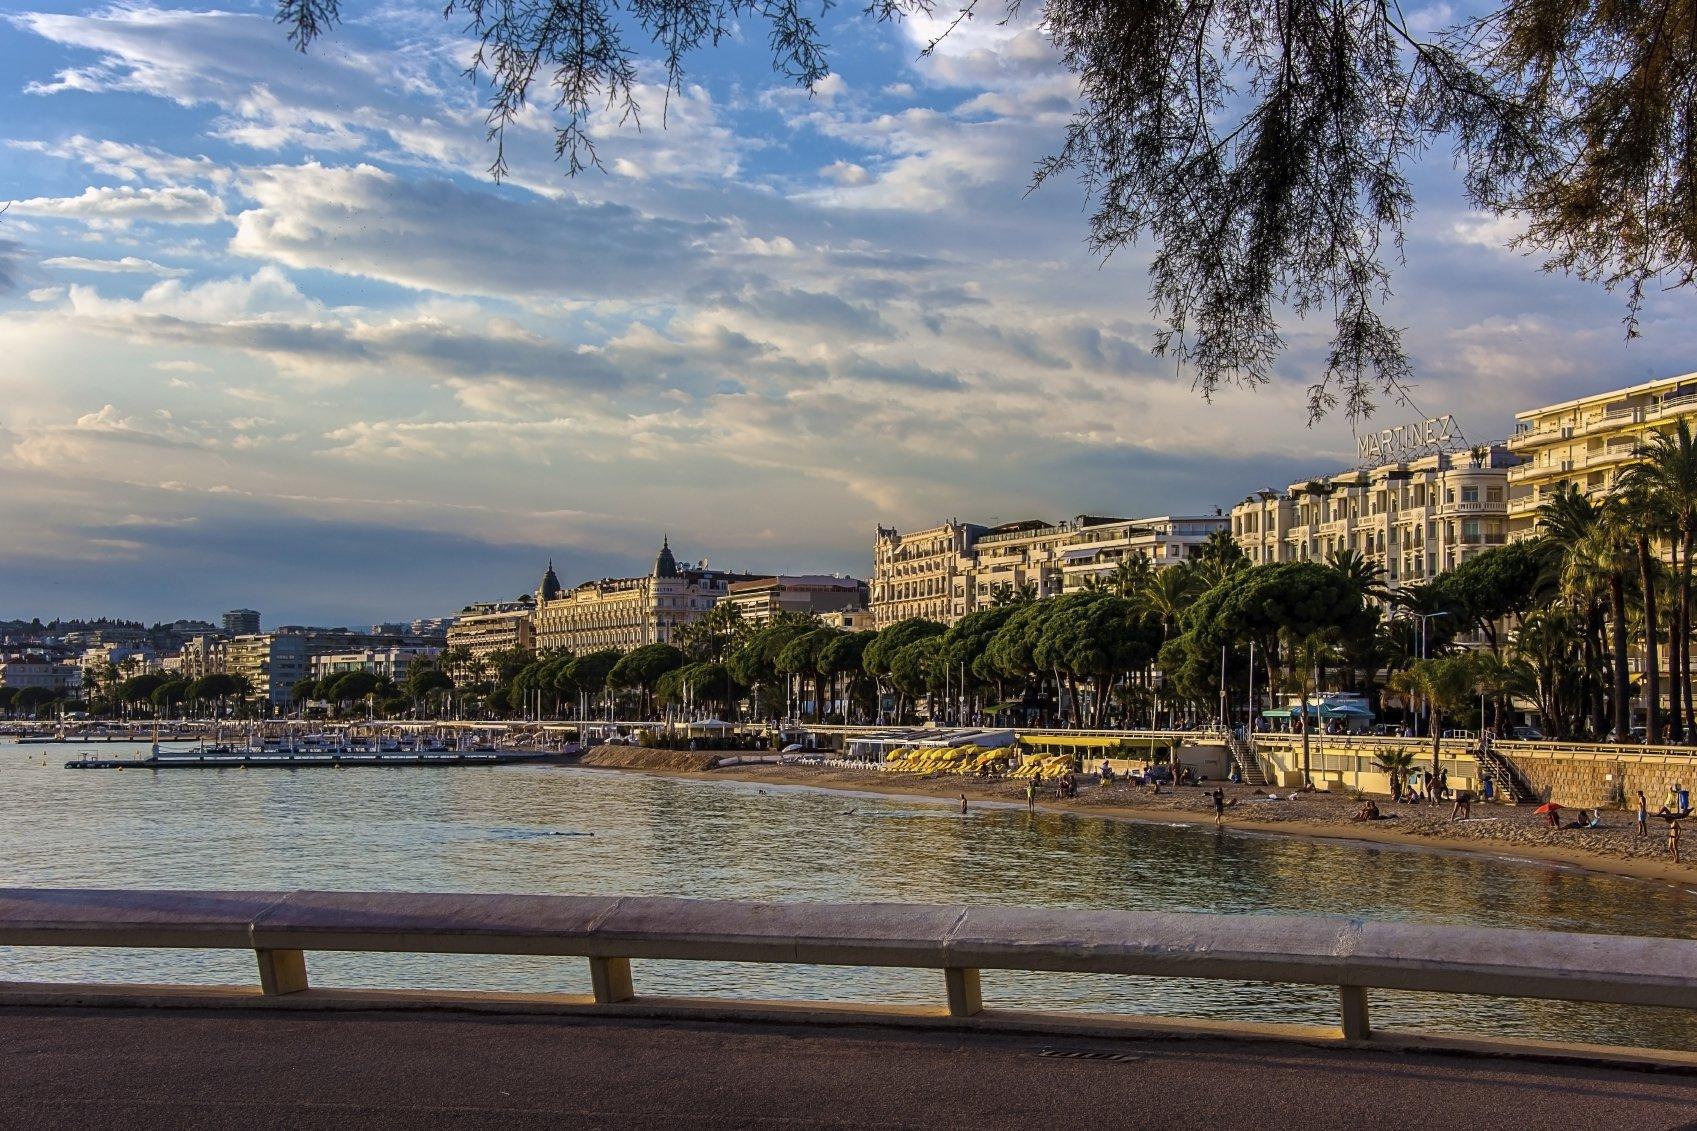 CANNES - Prôvence-Alpes-Côte d'azur - vente appartement neuf - prestige - vue mer